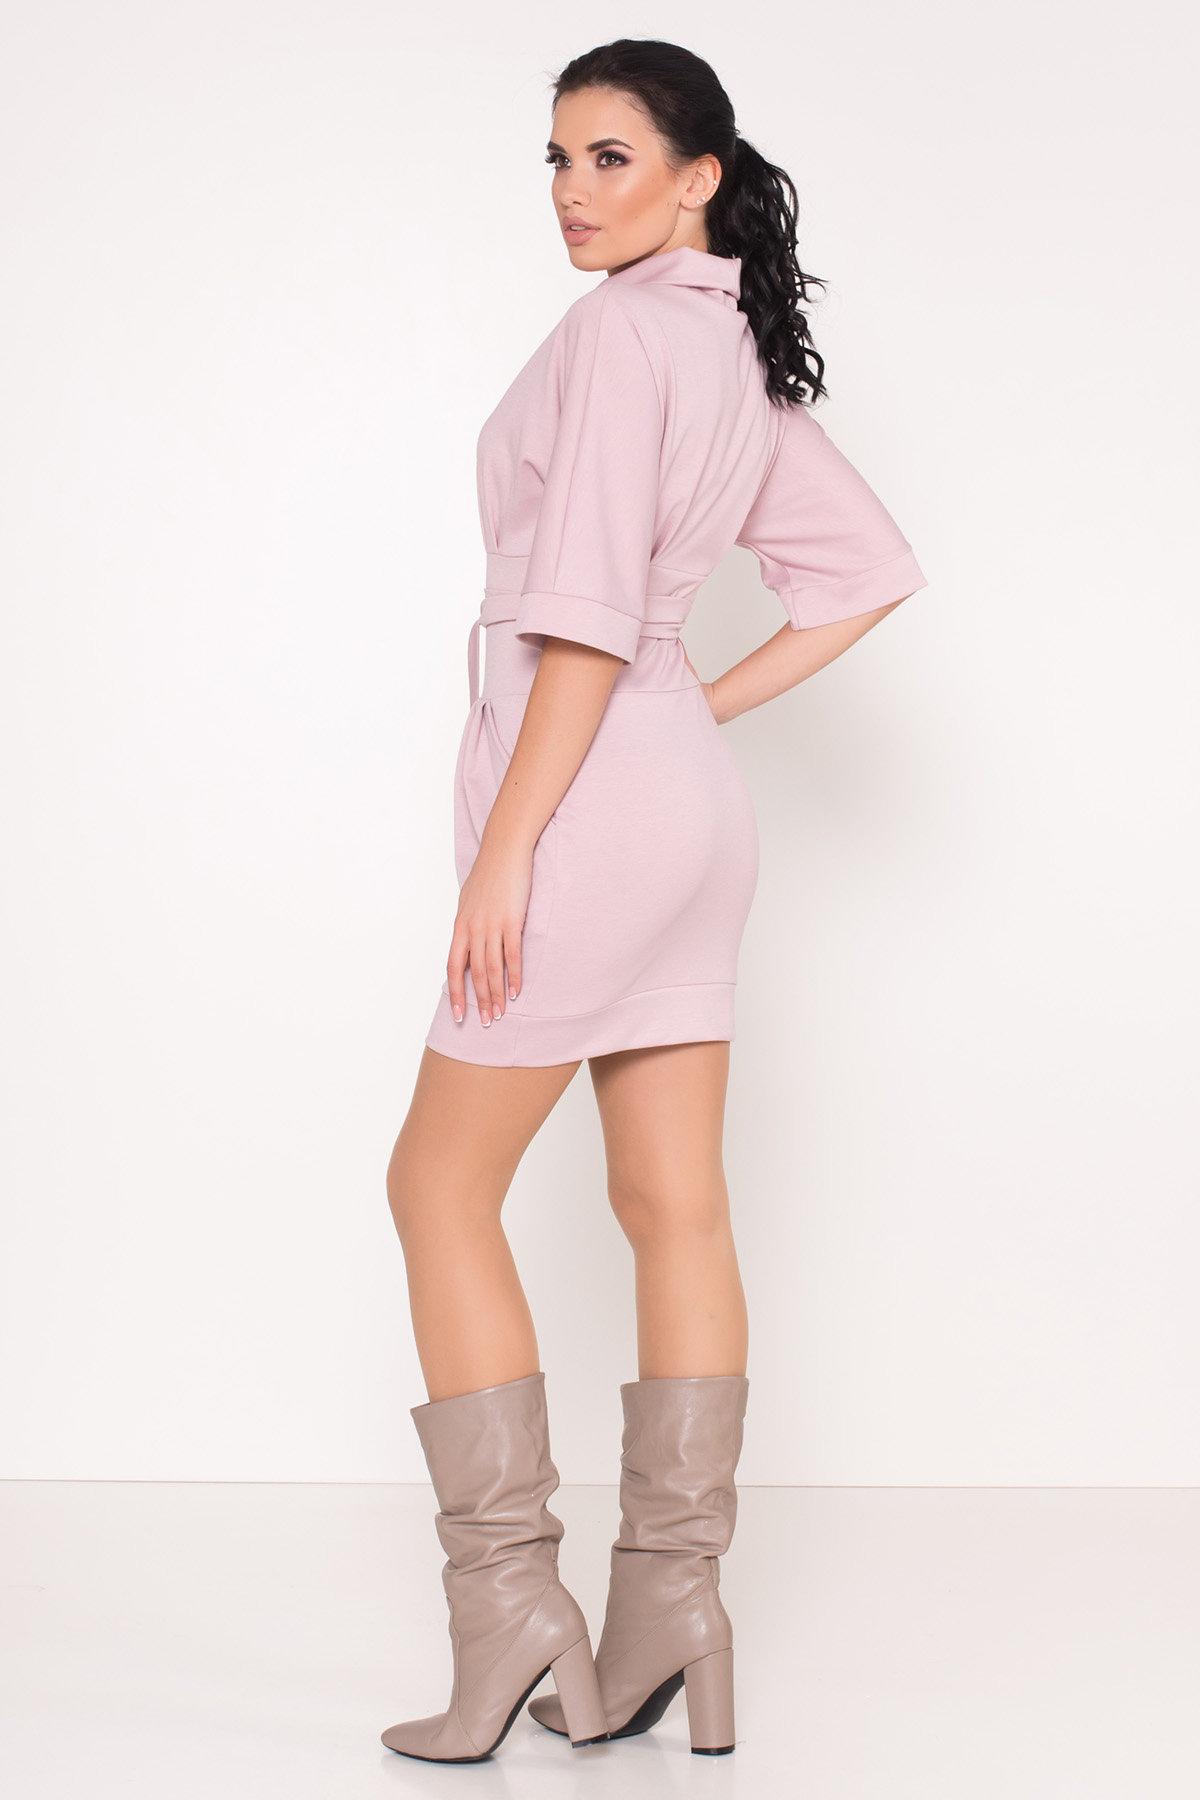 Трикотажное платье Вассаби 8478 АРТ. 44904 Цвет: розовый - фото 5, интернет магазин tm-modus.ru